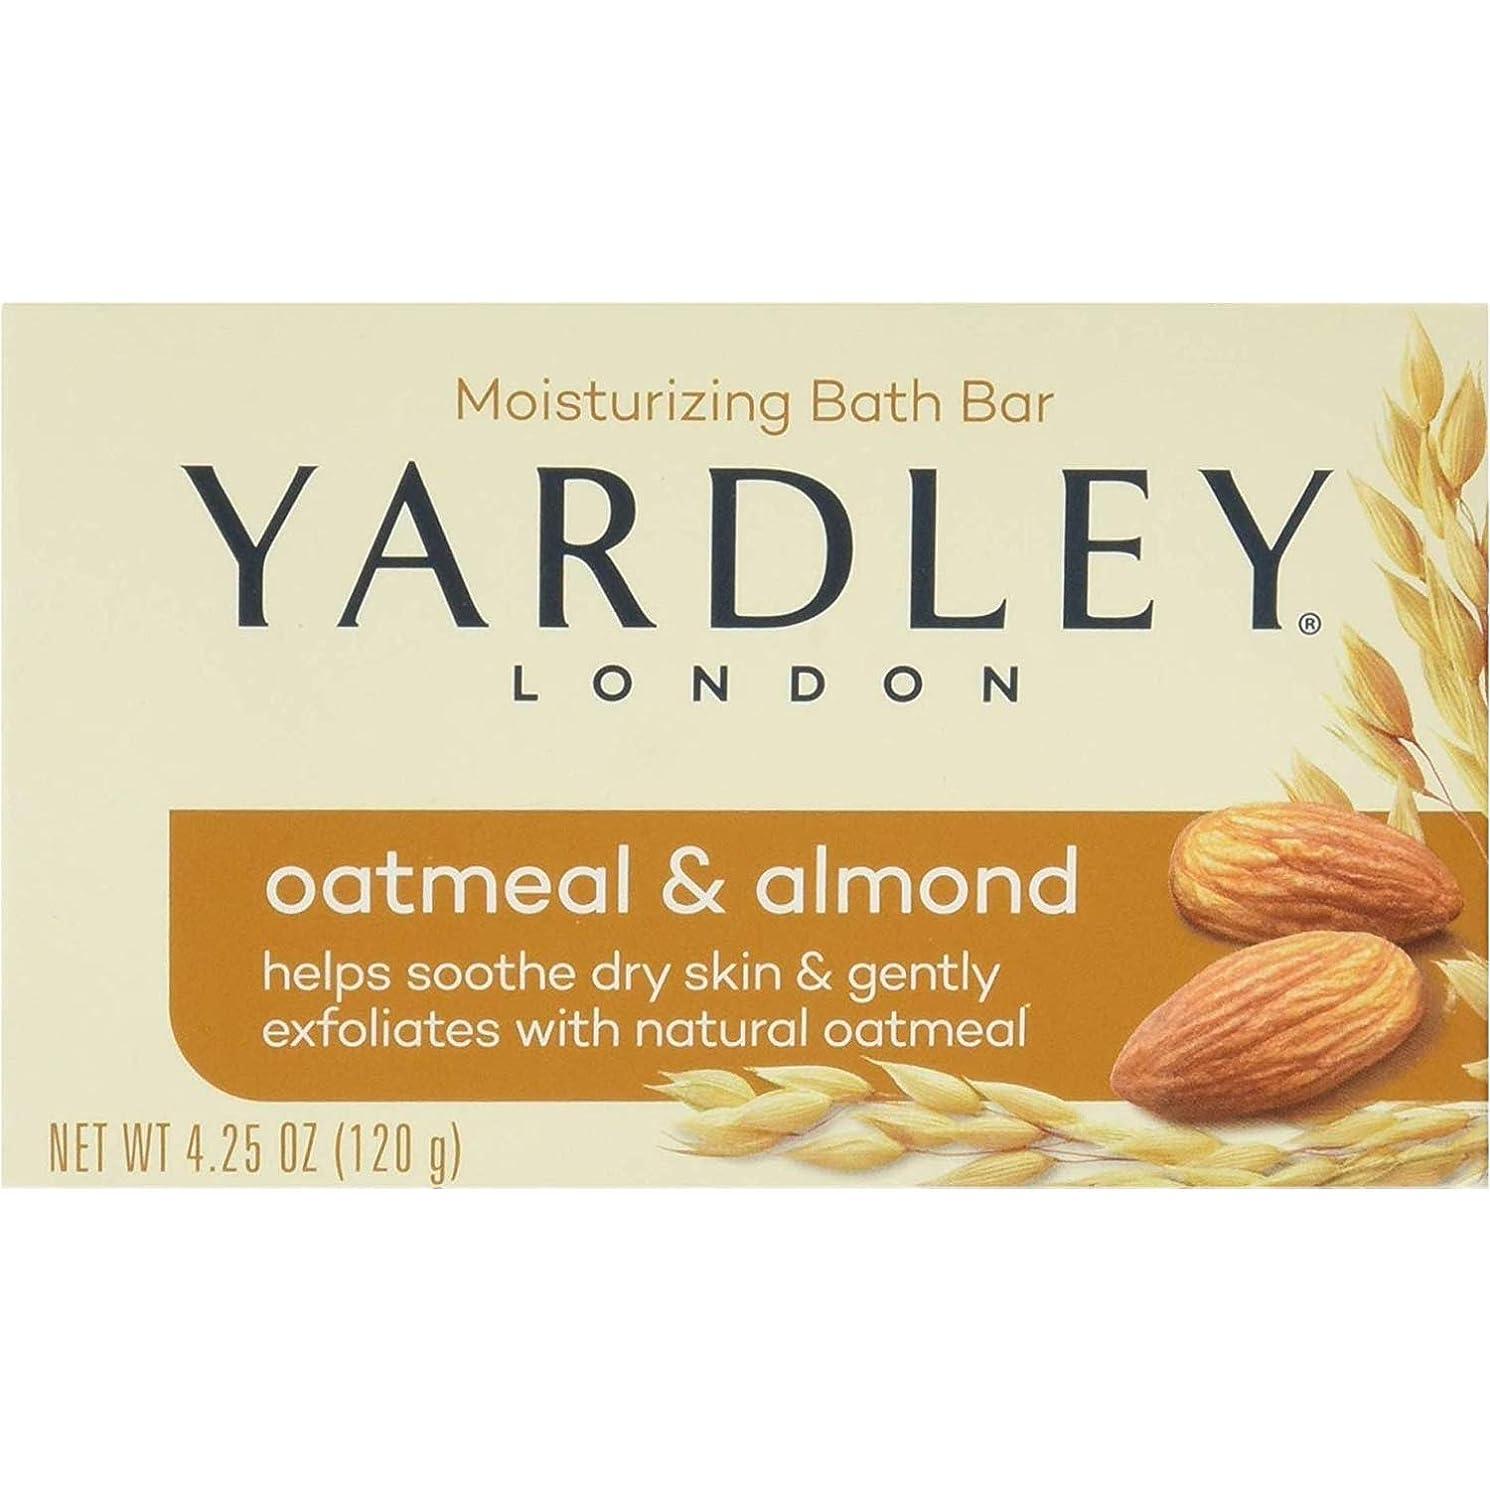 リーンレース悪化させるYardley オートミールとアーモンド石鹸、4.25オズ。 20本のバー